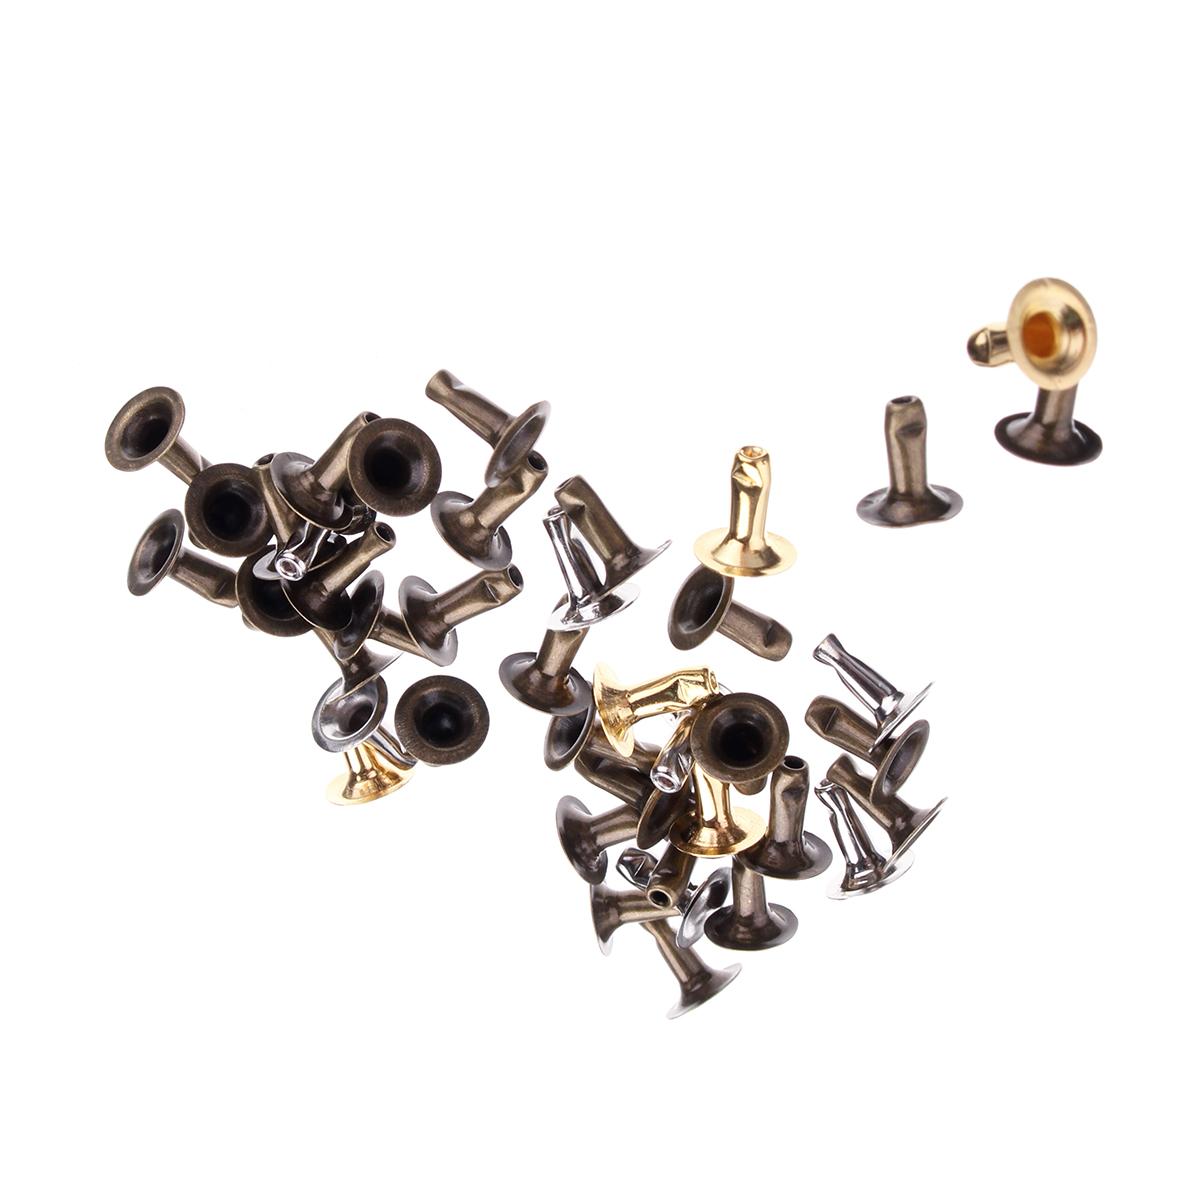 180pcs Silver Gold Single Cap Rivet Set Tubular Studs Fixing Tool Kit For Leather